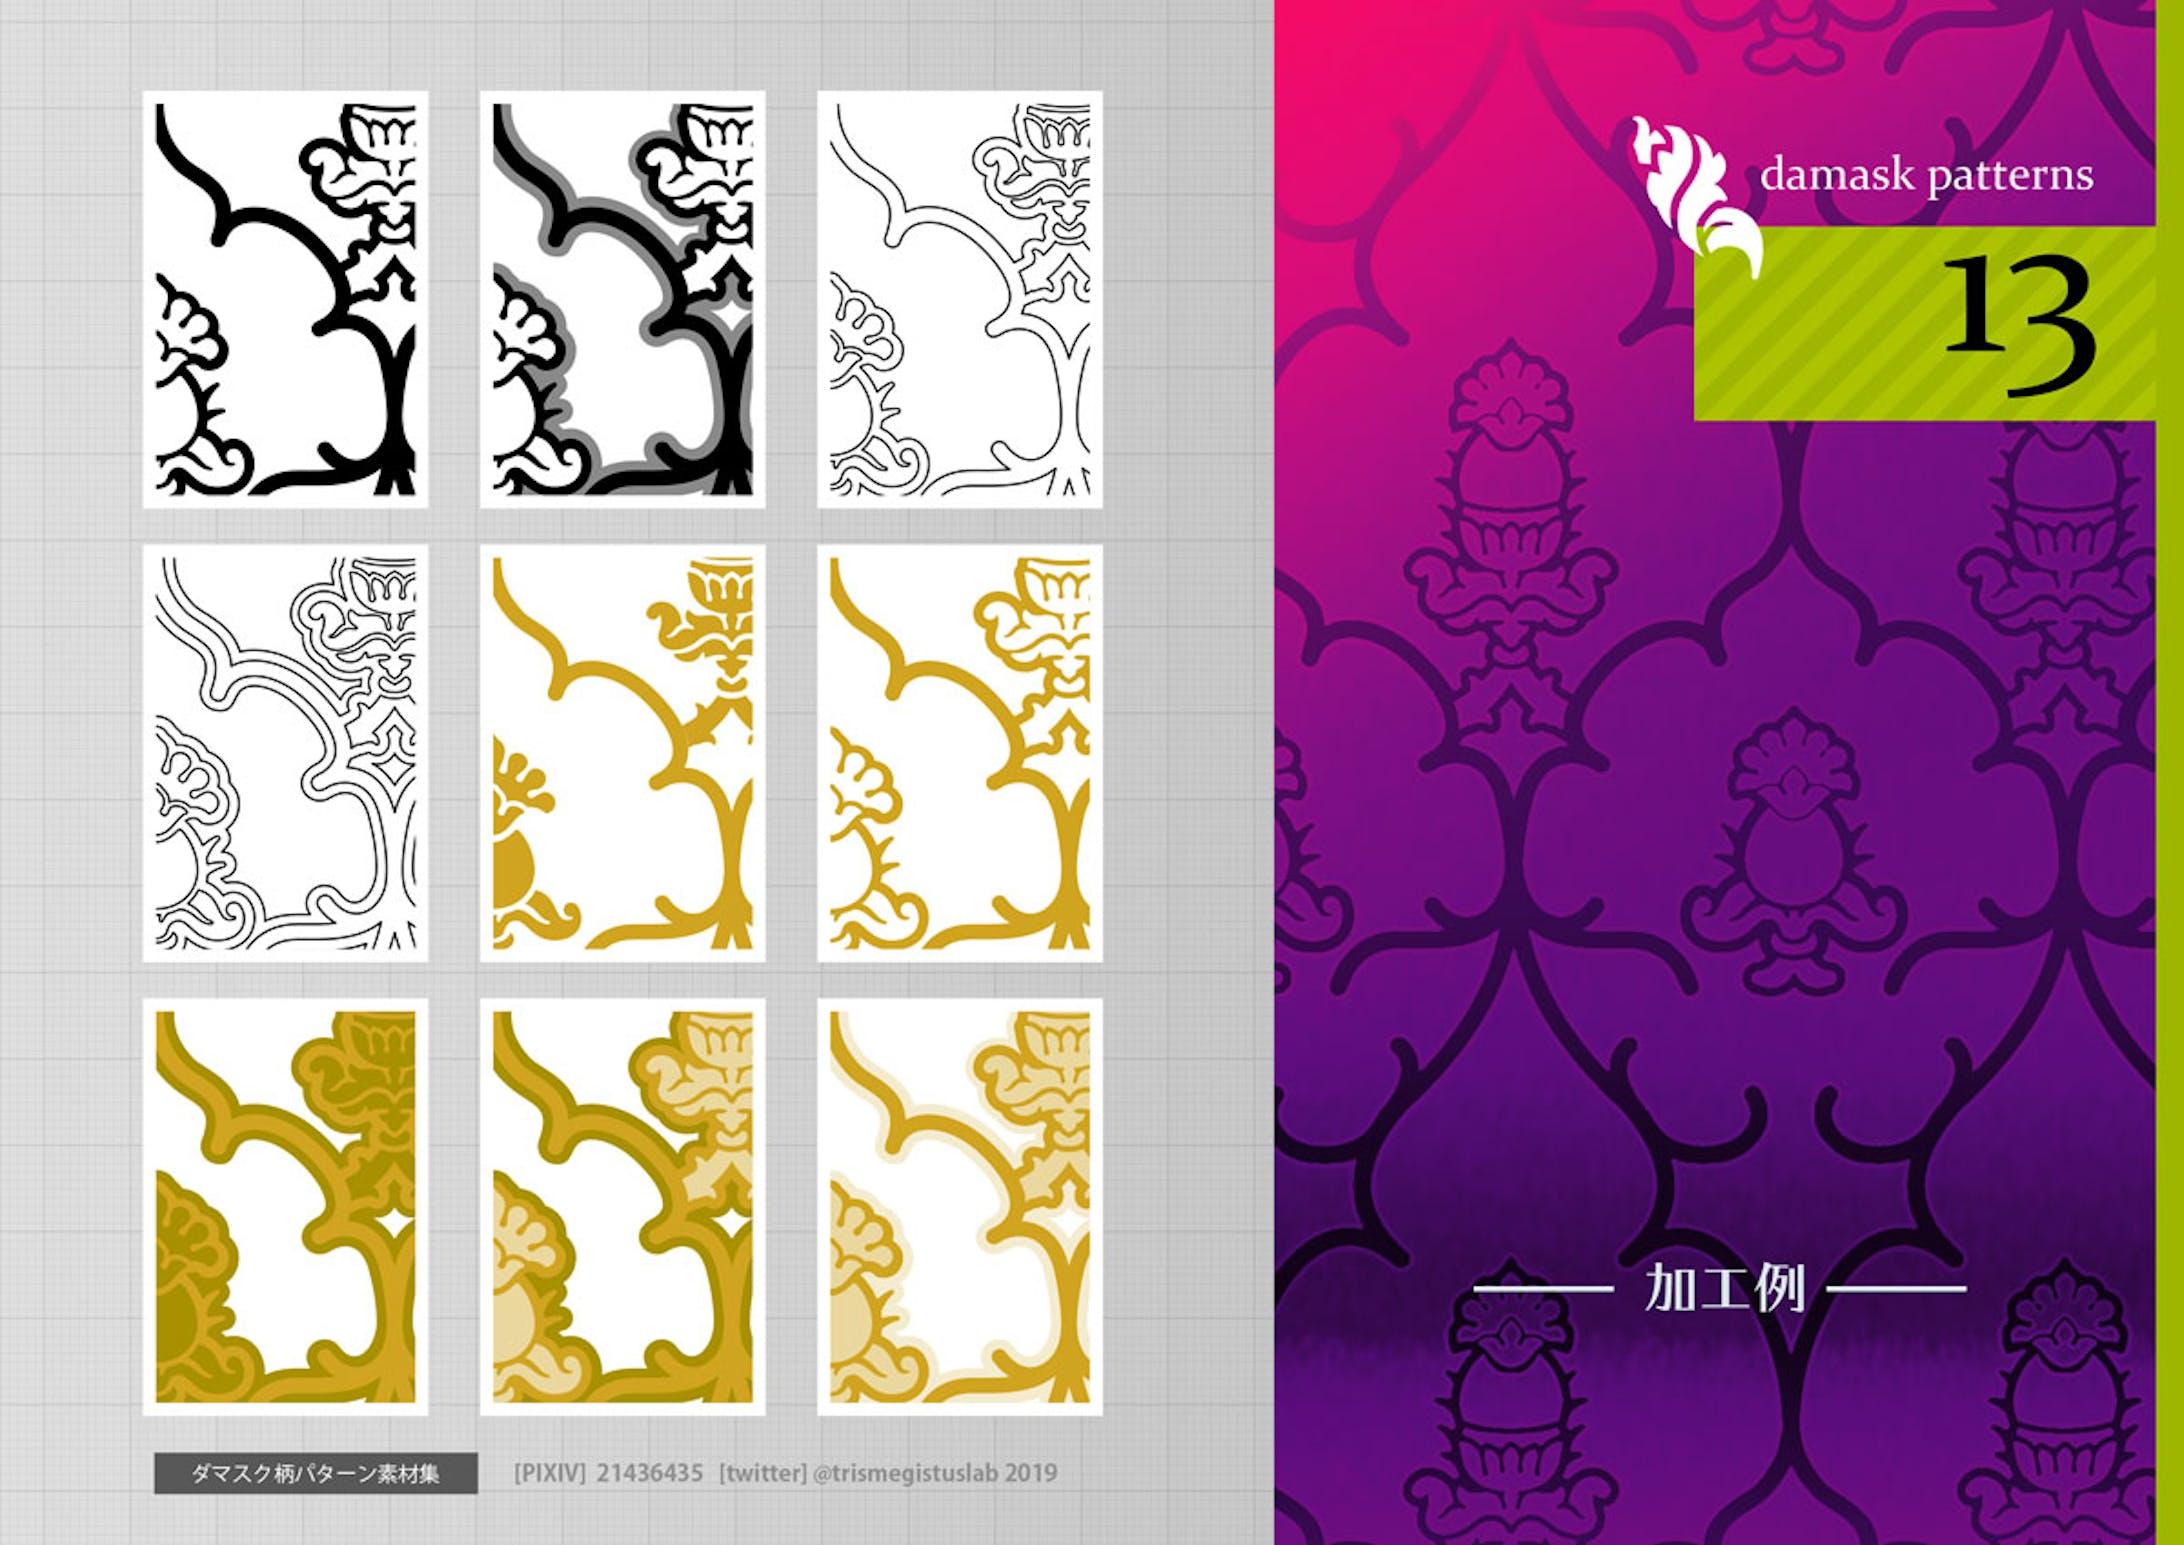 Illustratorでのシームレスパターン作成-14